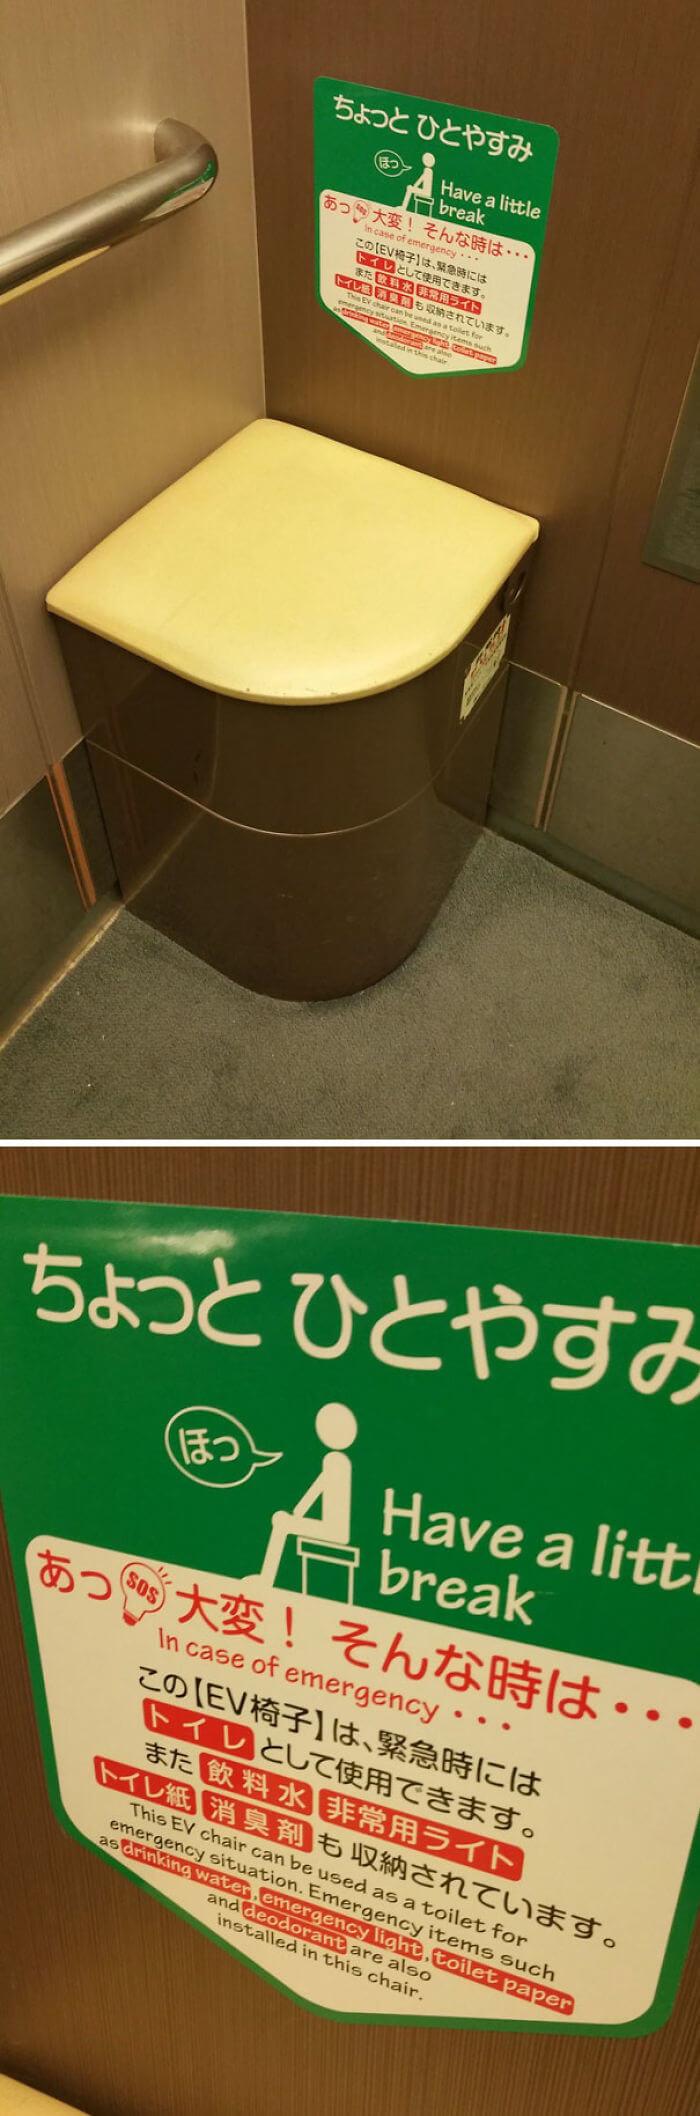 エレベーターに便利すぎる椅子がついている